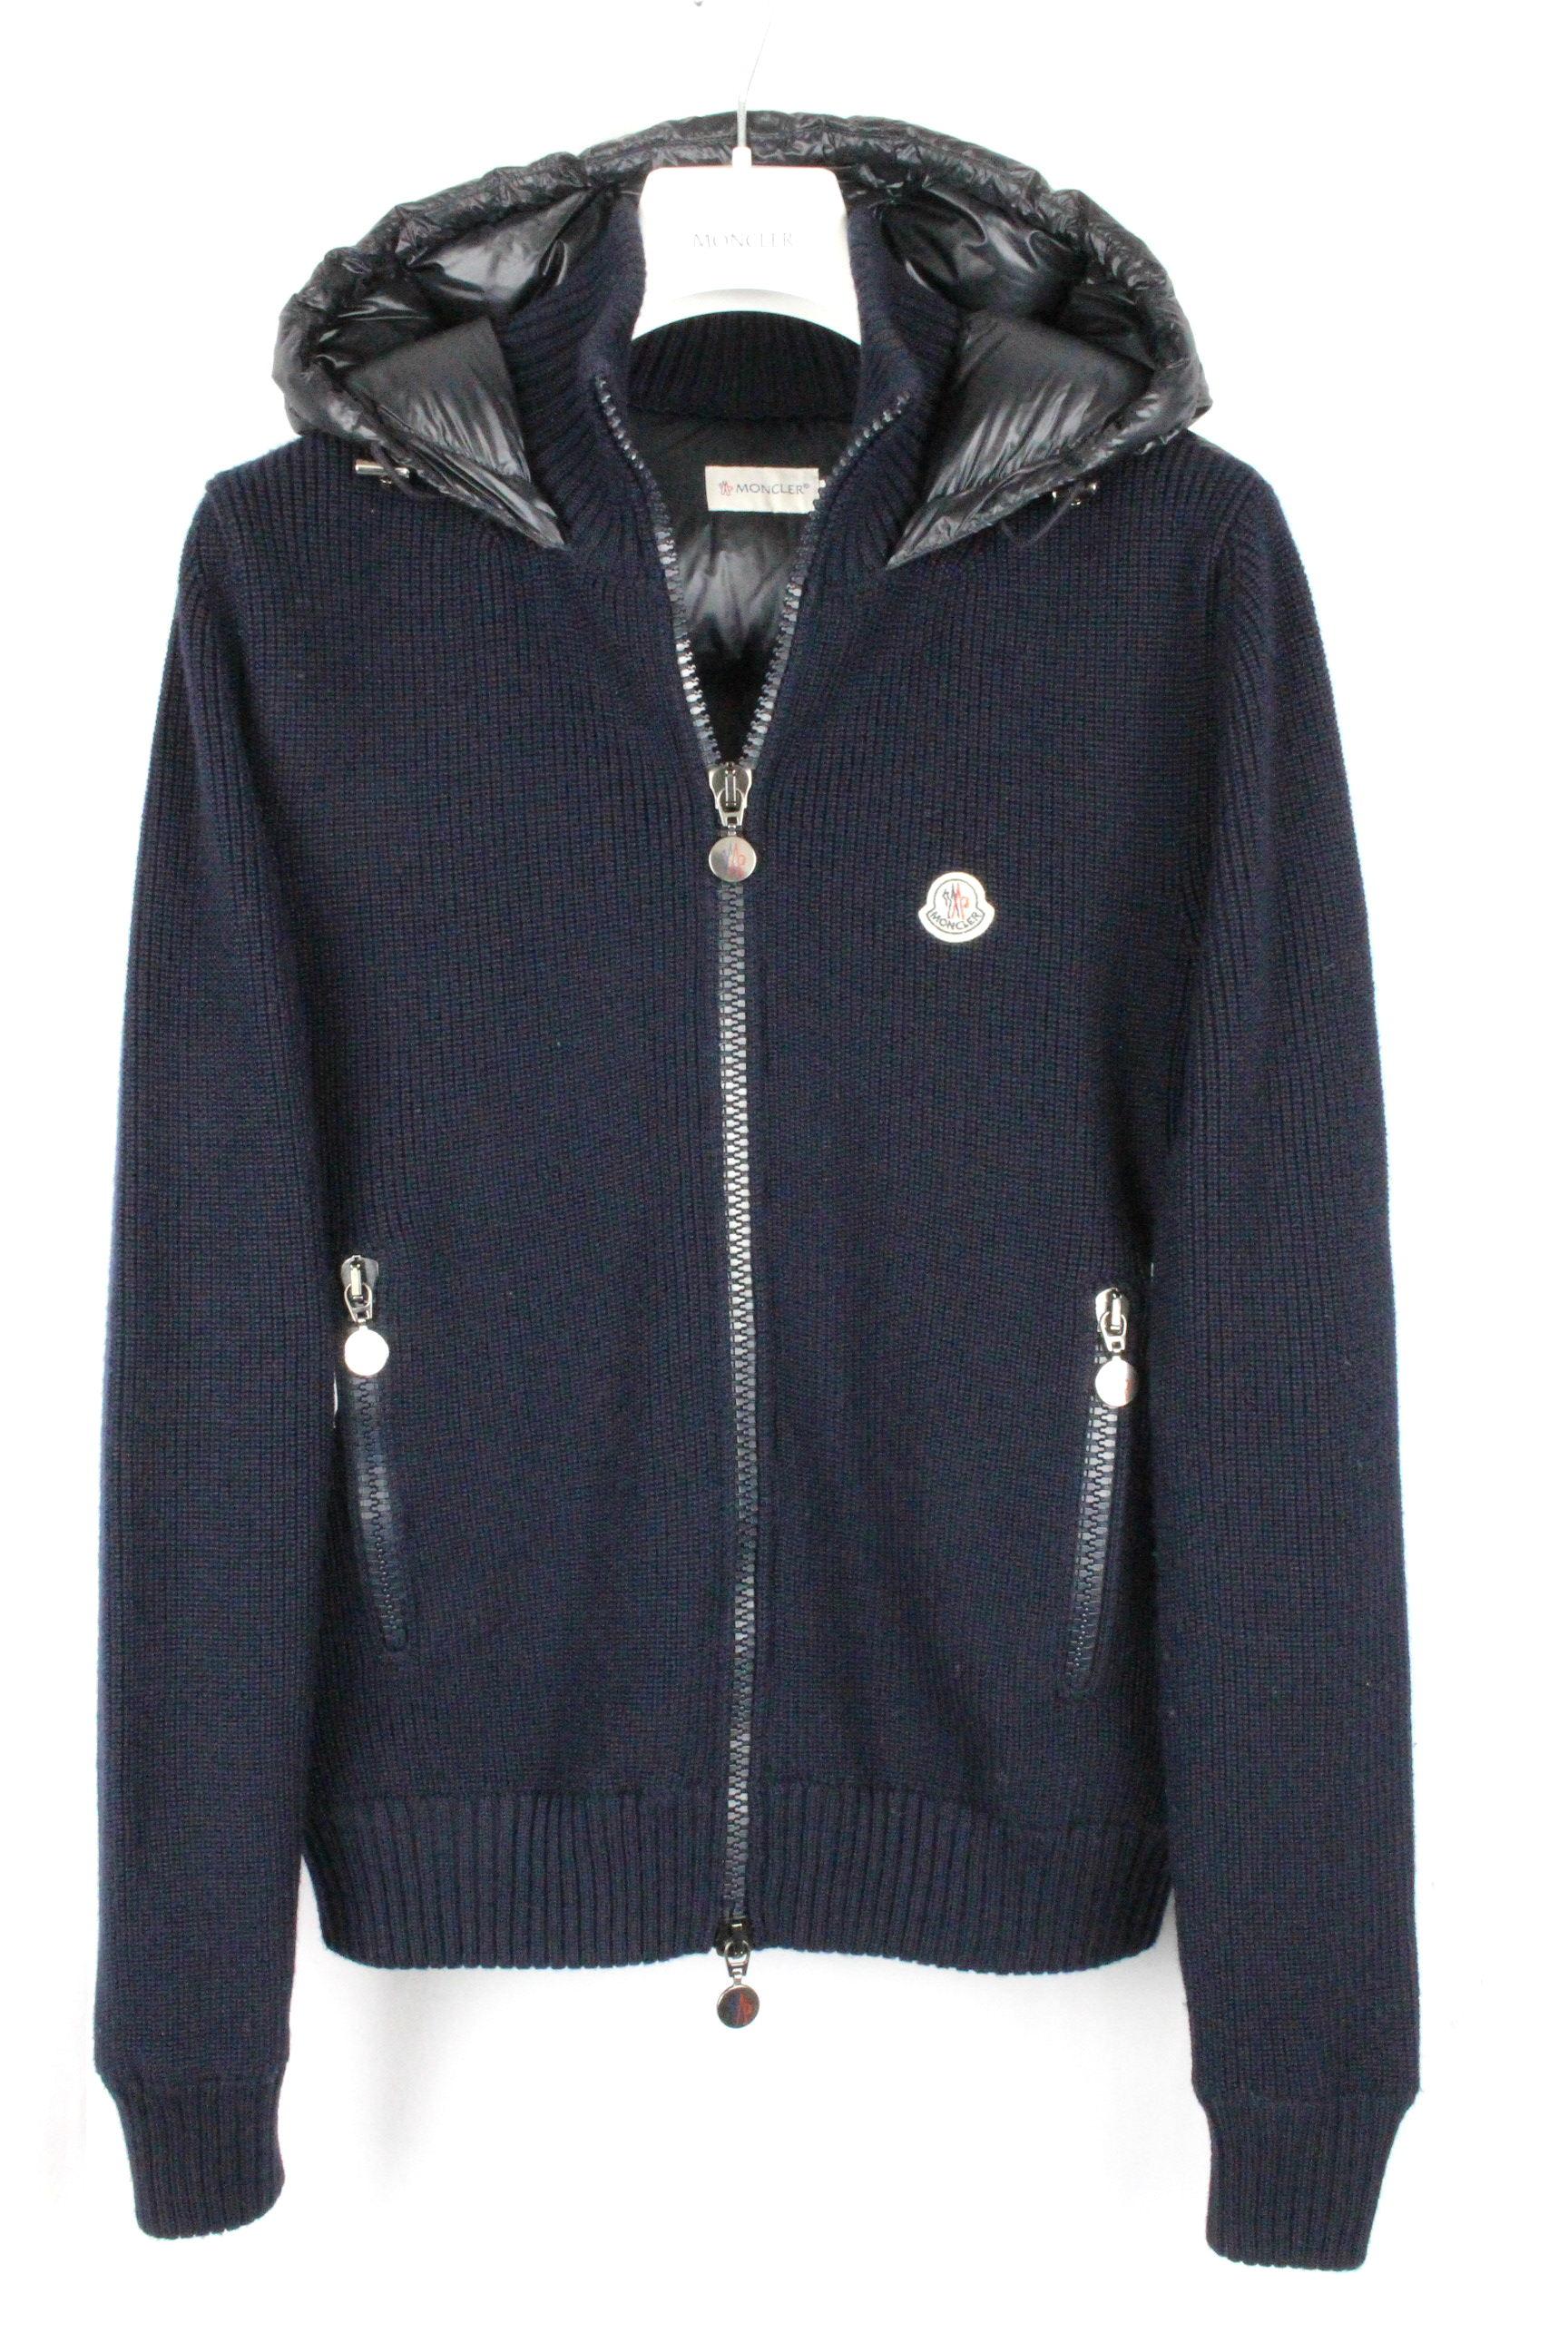 モンクレール [ MONCLER ] ダウン ニットパーカー ネイビー 紺色 SIZE[S] メンズ ダウンジャケット セーター パーカ フードE351 AO-5907